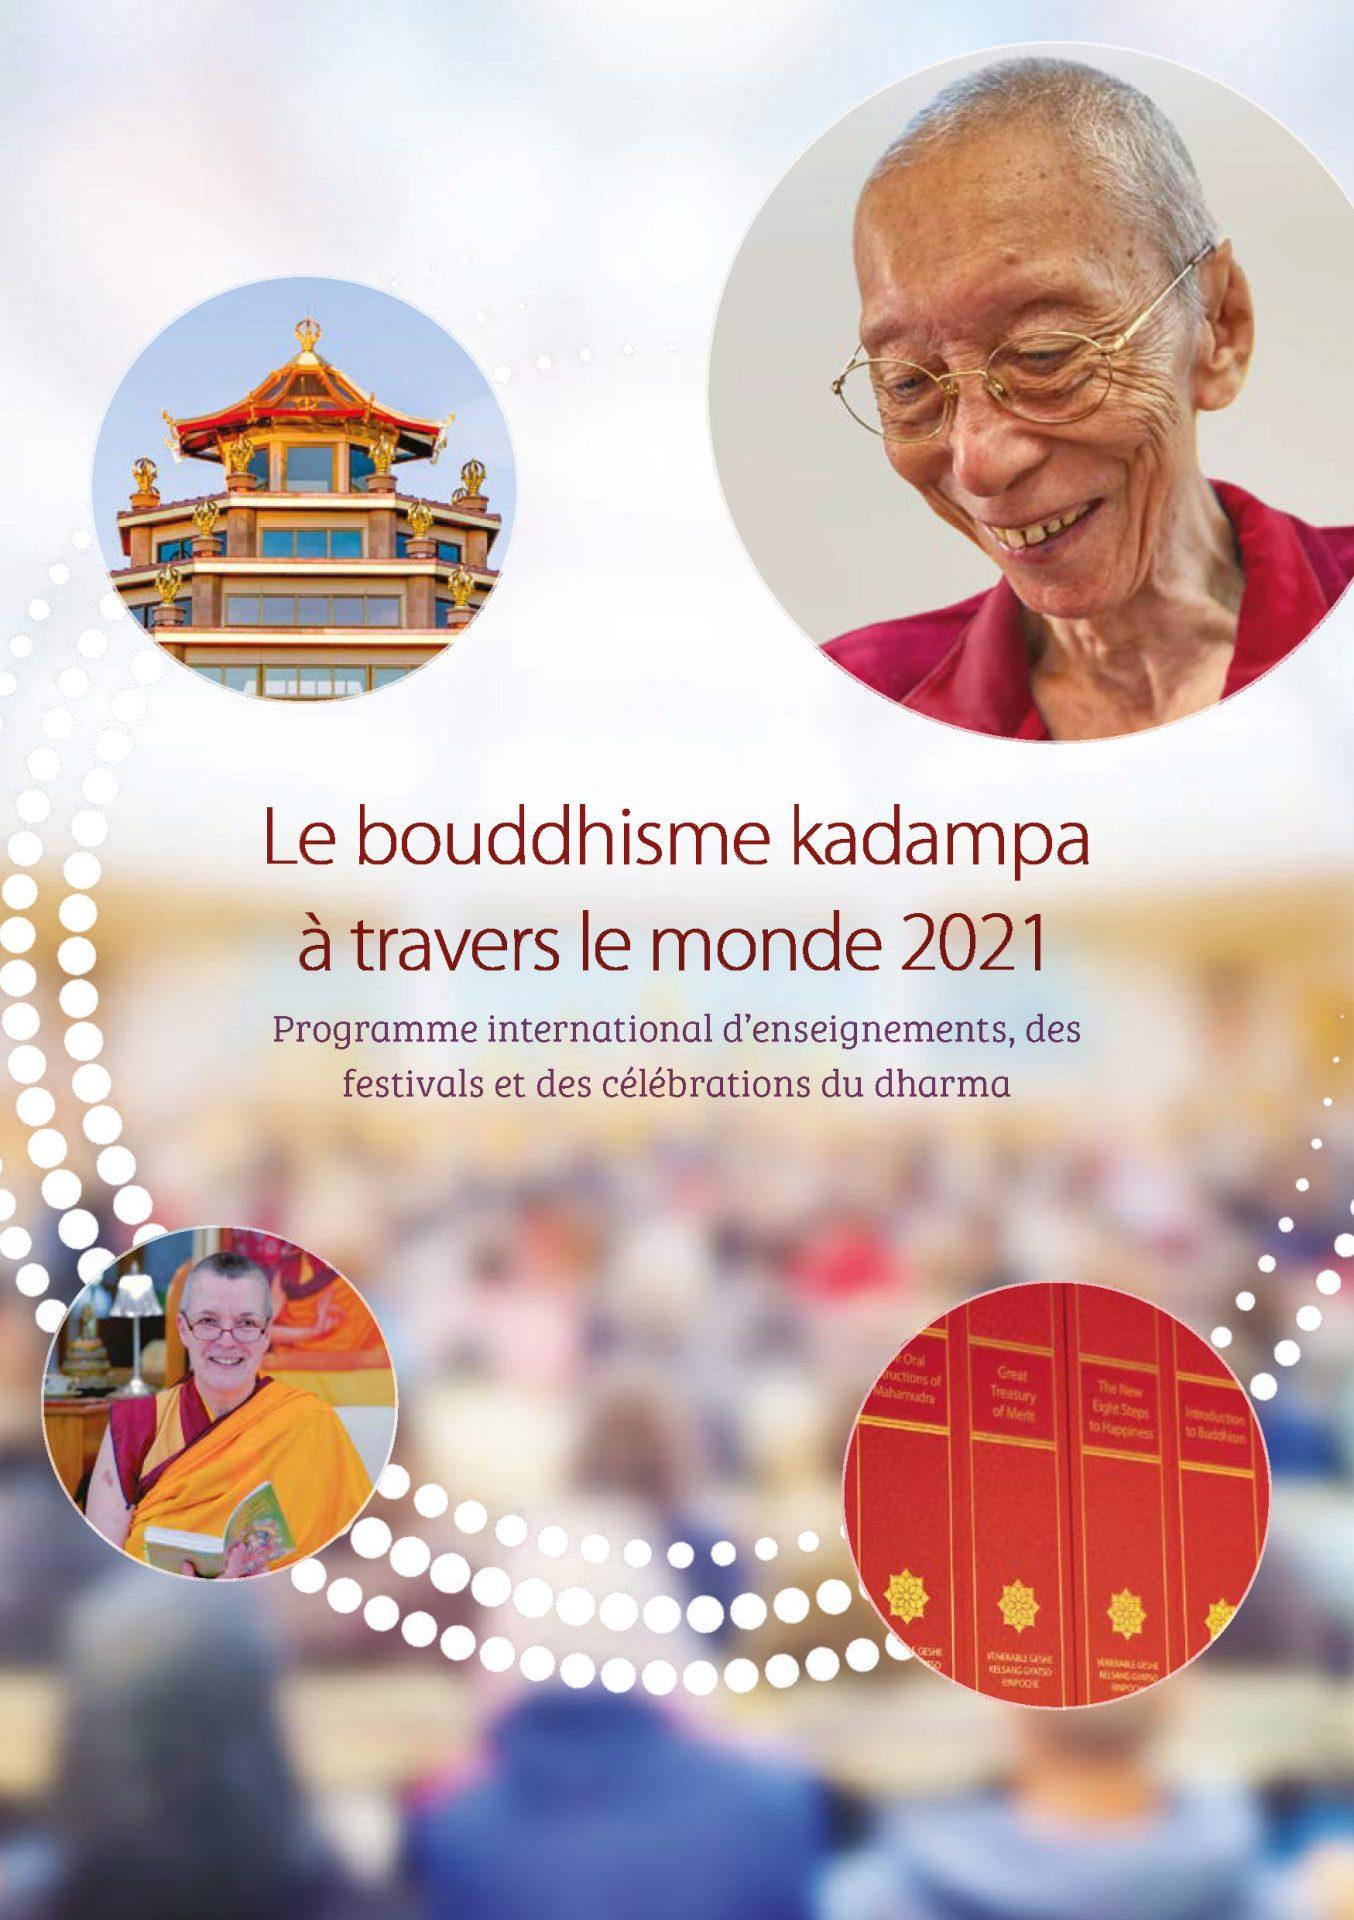 Le bouddhisme kadampa dans le monde